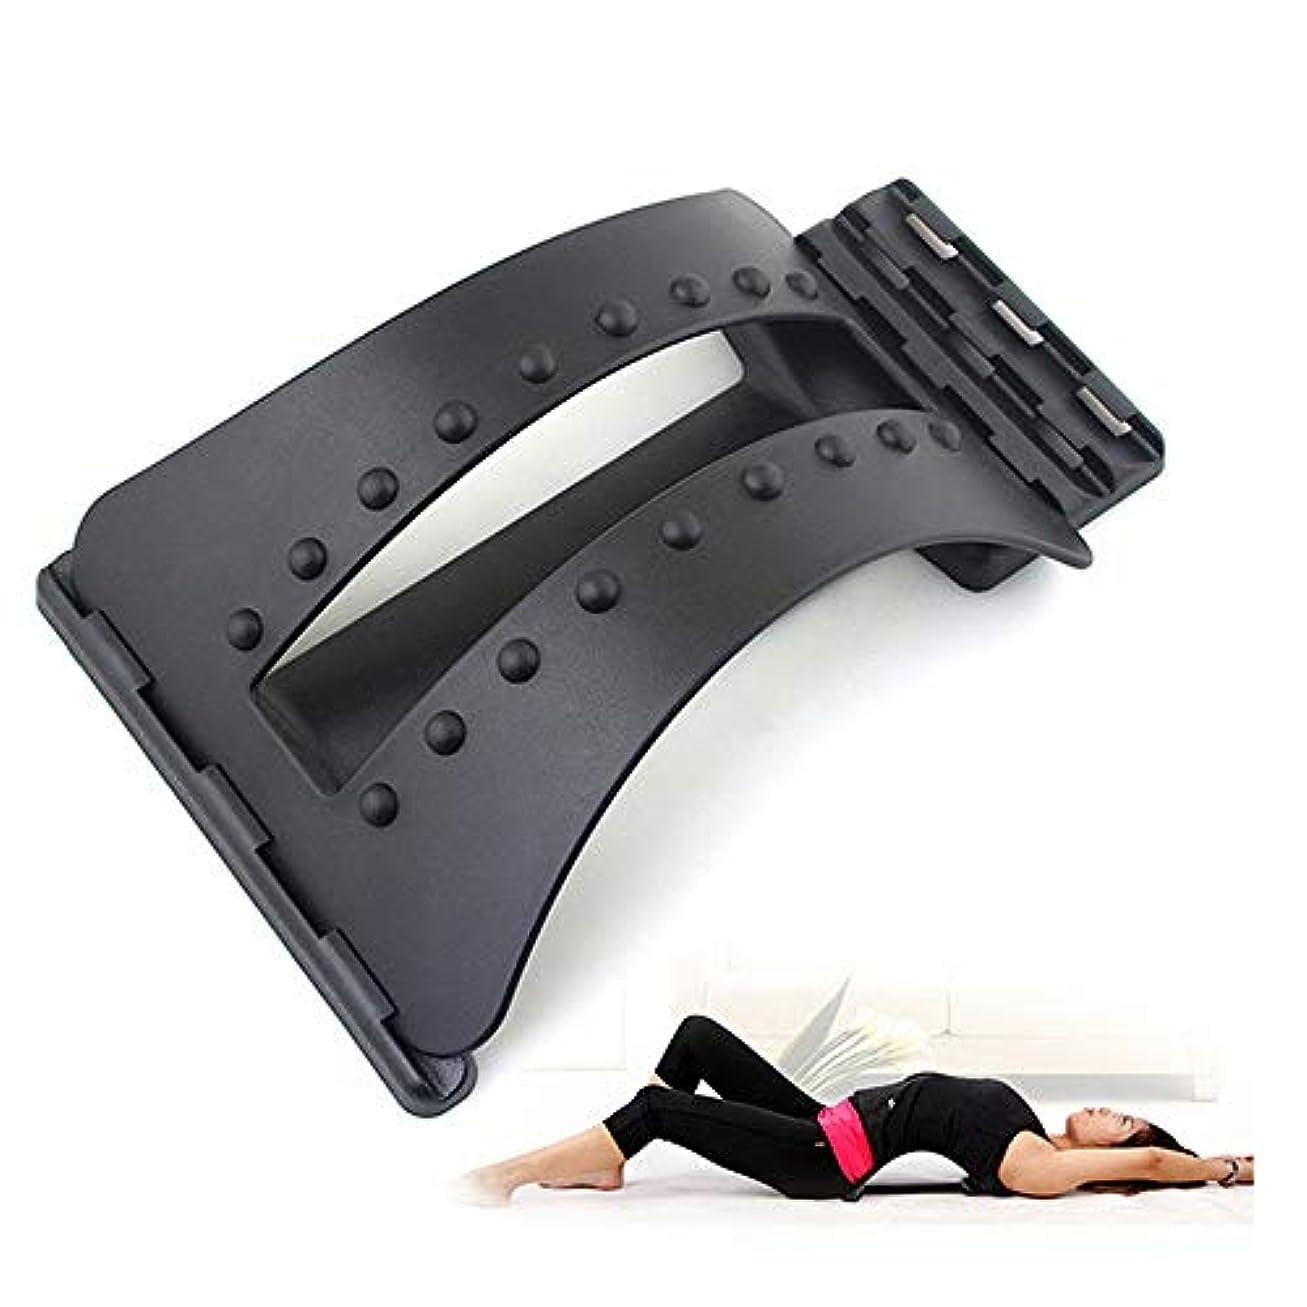 優しいパパ足背中マッサージストレッチャーフィットネスマッサージ機器ストレッチリラックスストレッチャー腰椎サポート脊椎疼痛救済カイロプラクティックドロップシップ